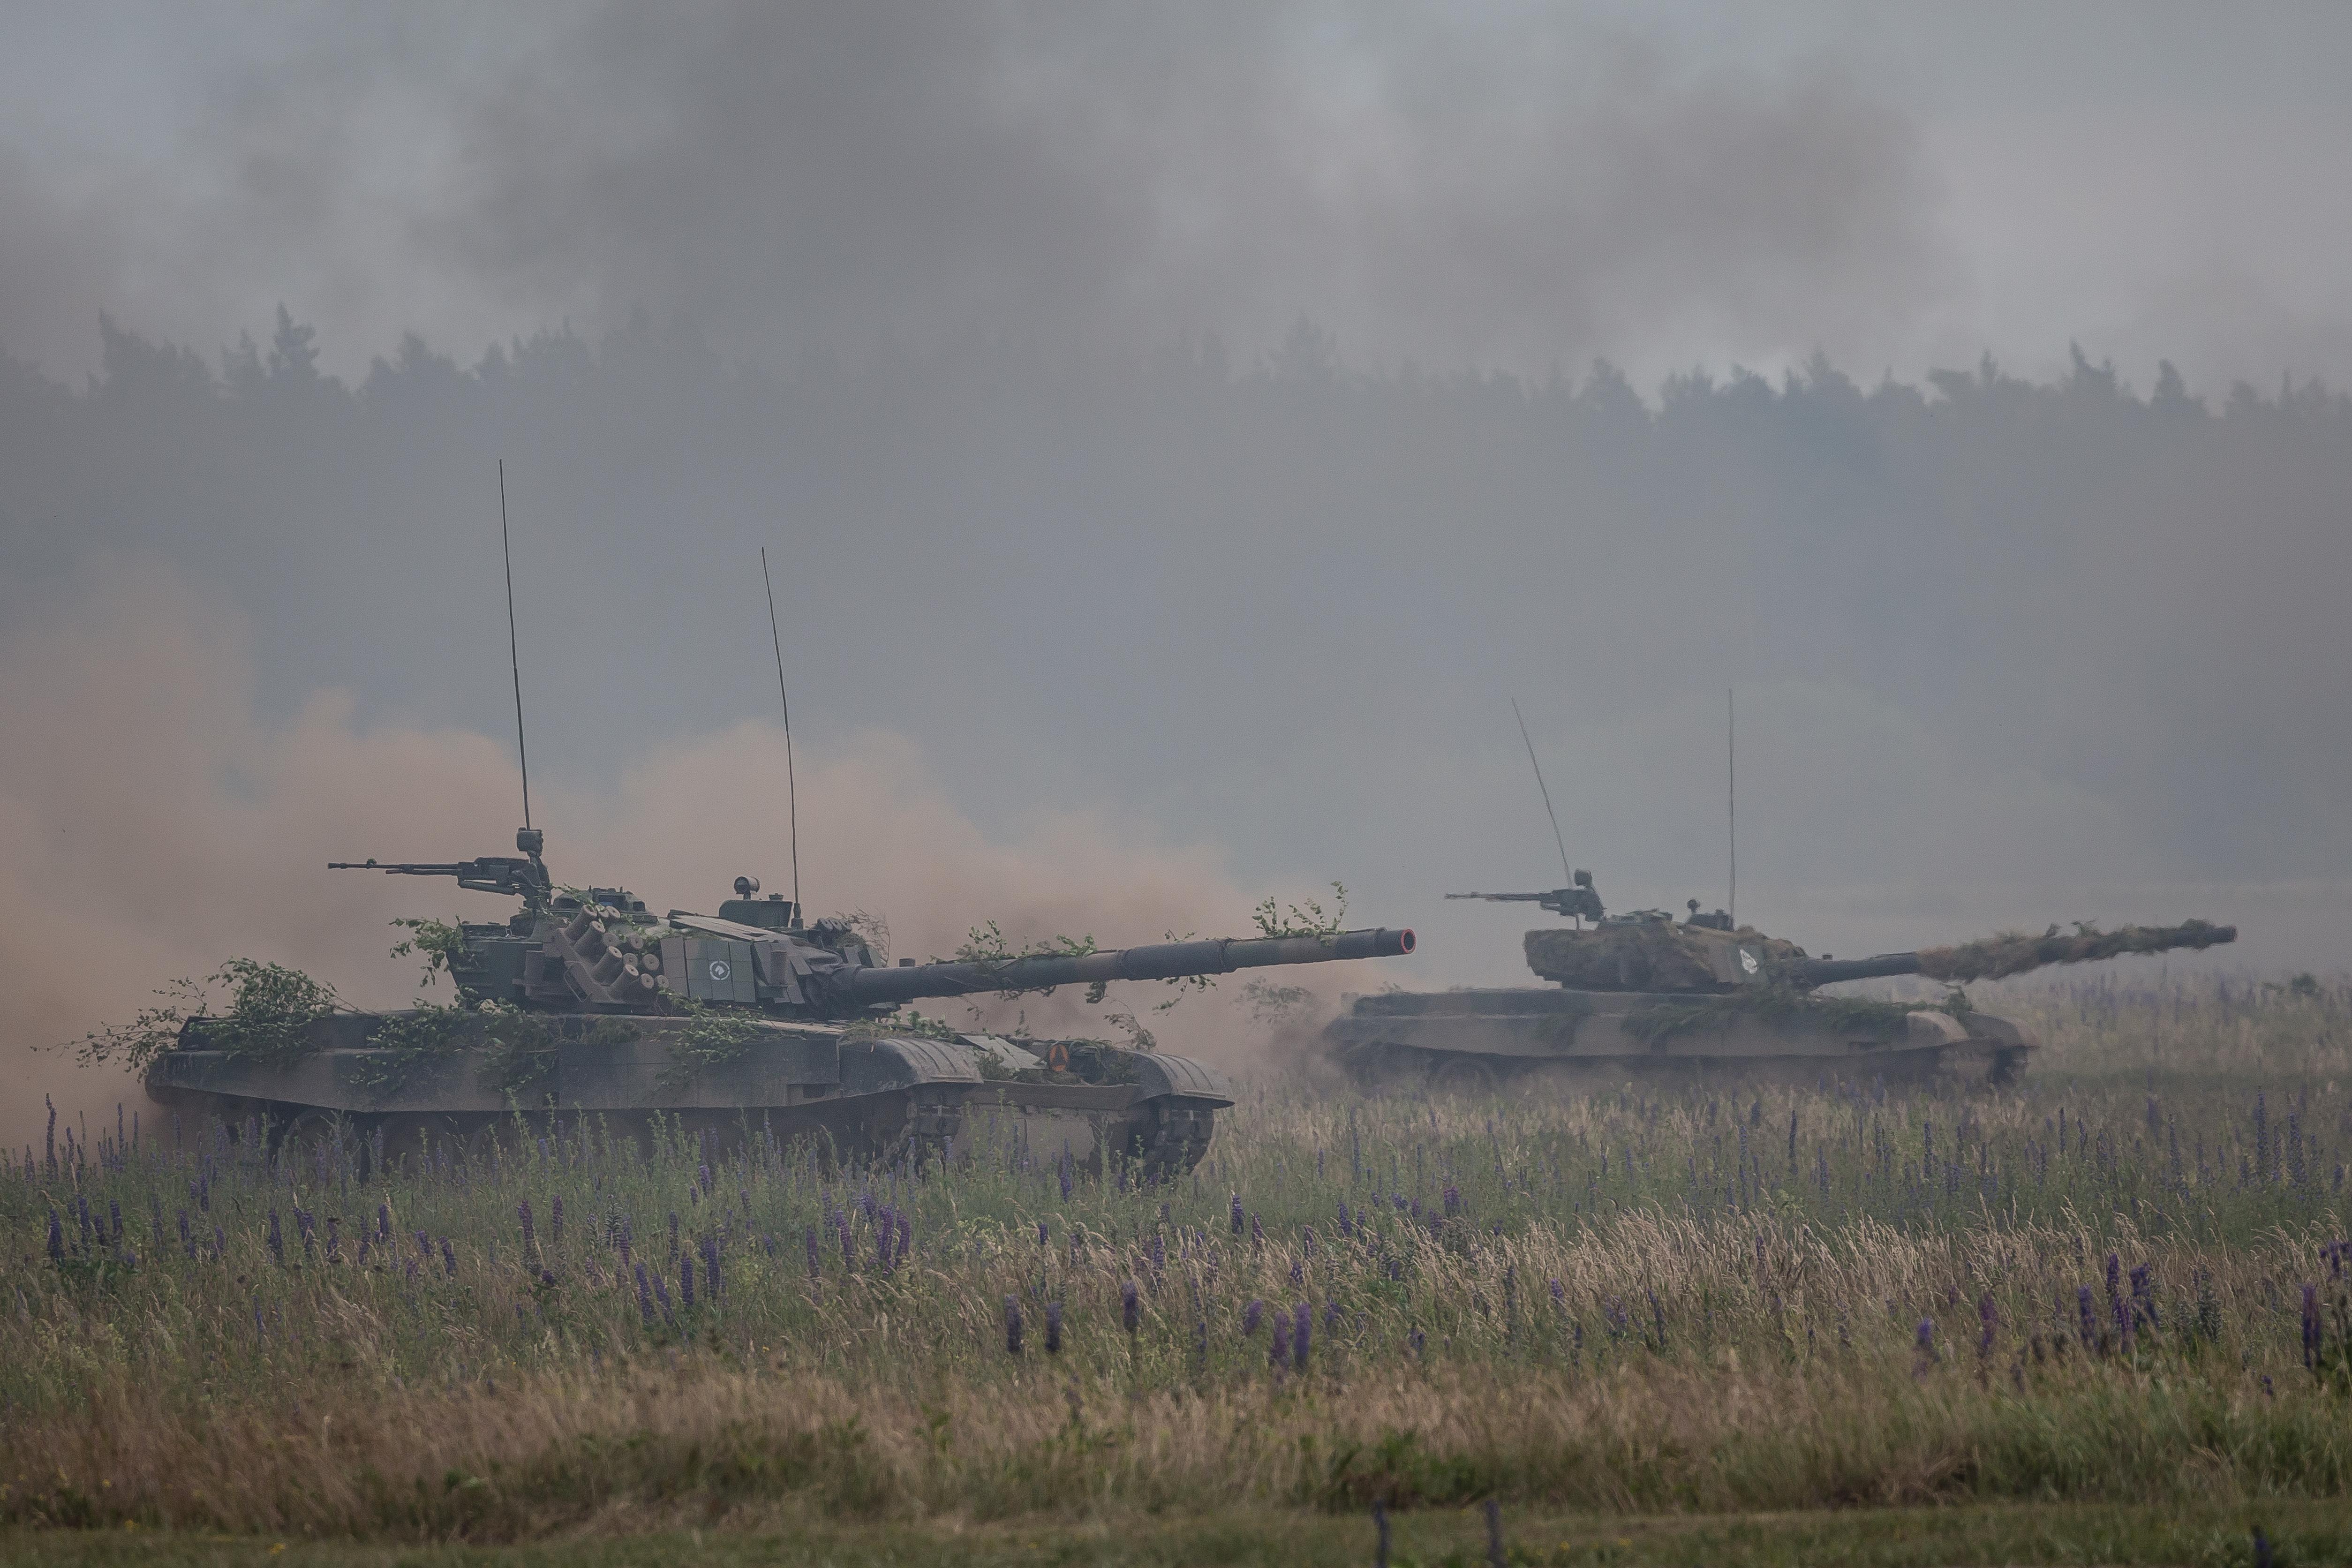 Orosz támadás elleni hadműveleteket gyakorolt a NATO a lengyel-litván határon